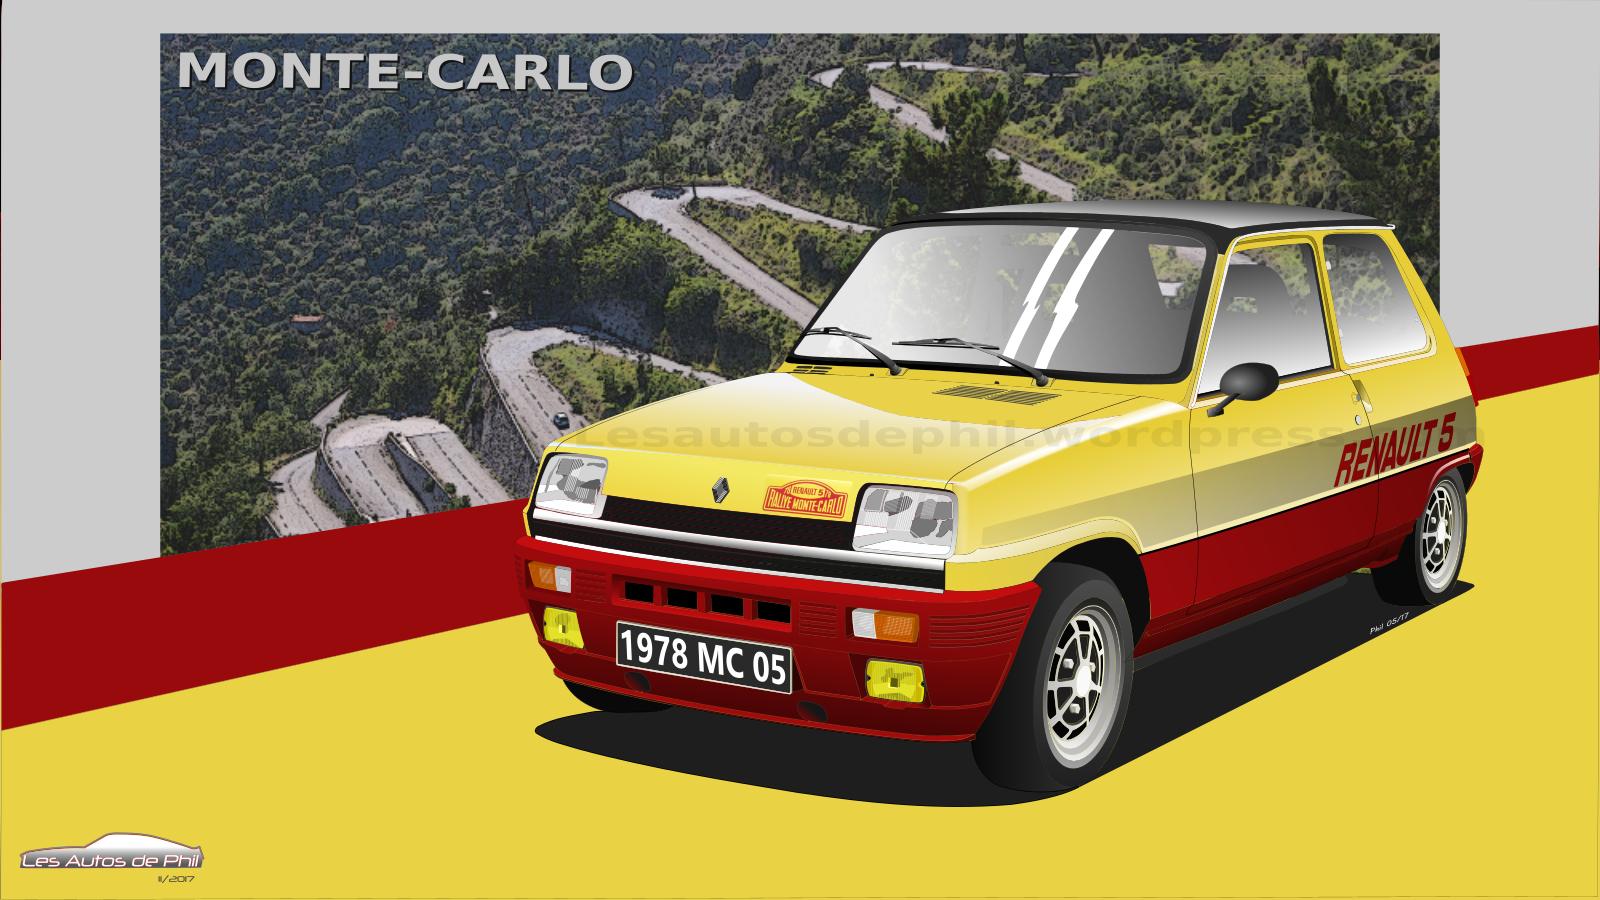 Renault 5 Monte-Carlo blog